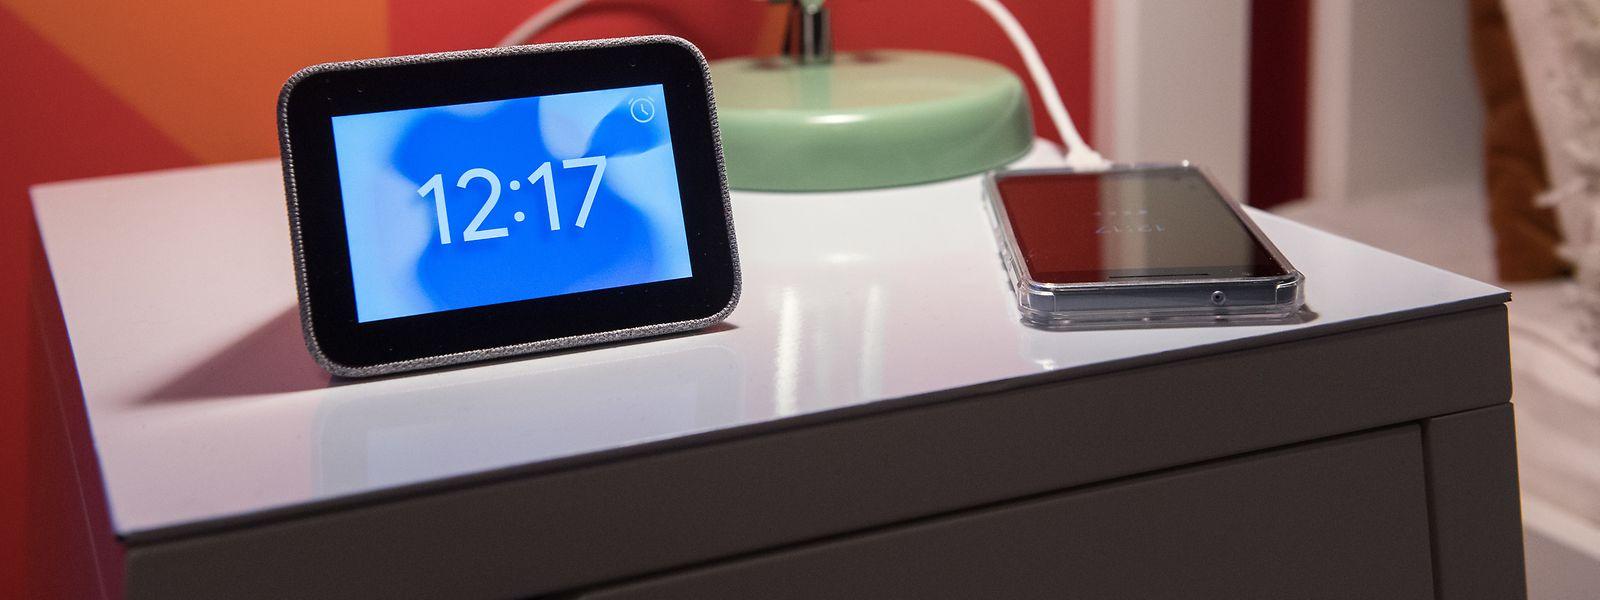 Zeitanzeiger, Radiowecker, Streamingbox und Ladegerät in einem:Lenovos Smart Clock verfügt über etliche Funktionen.